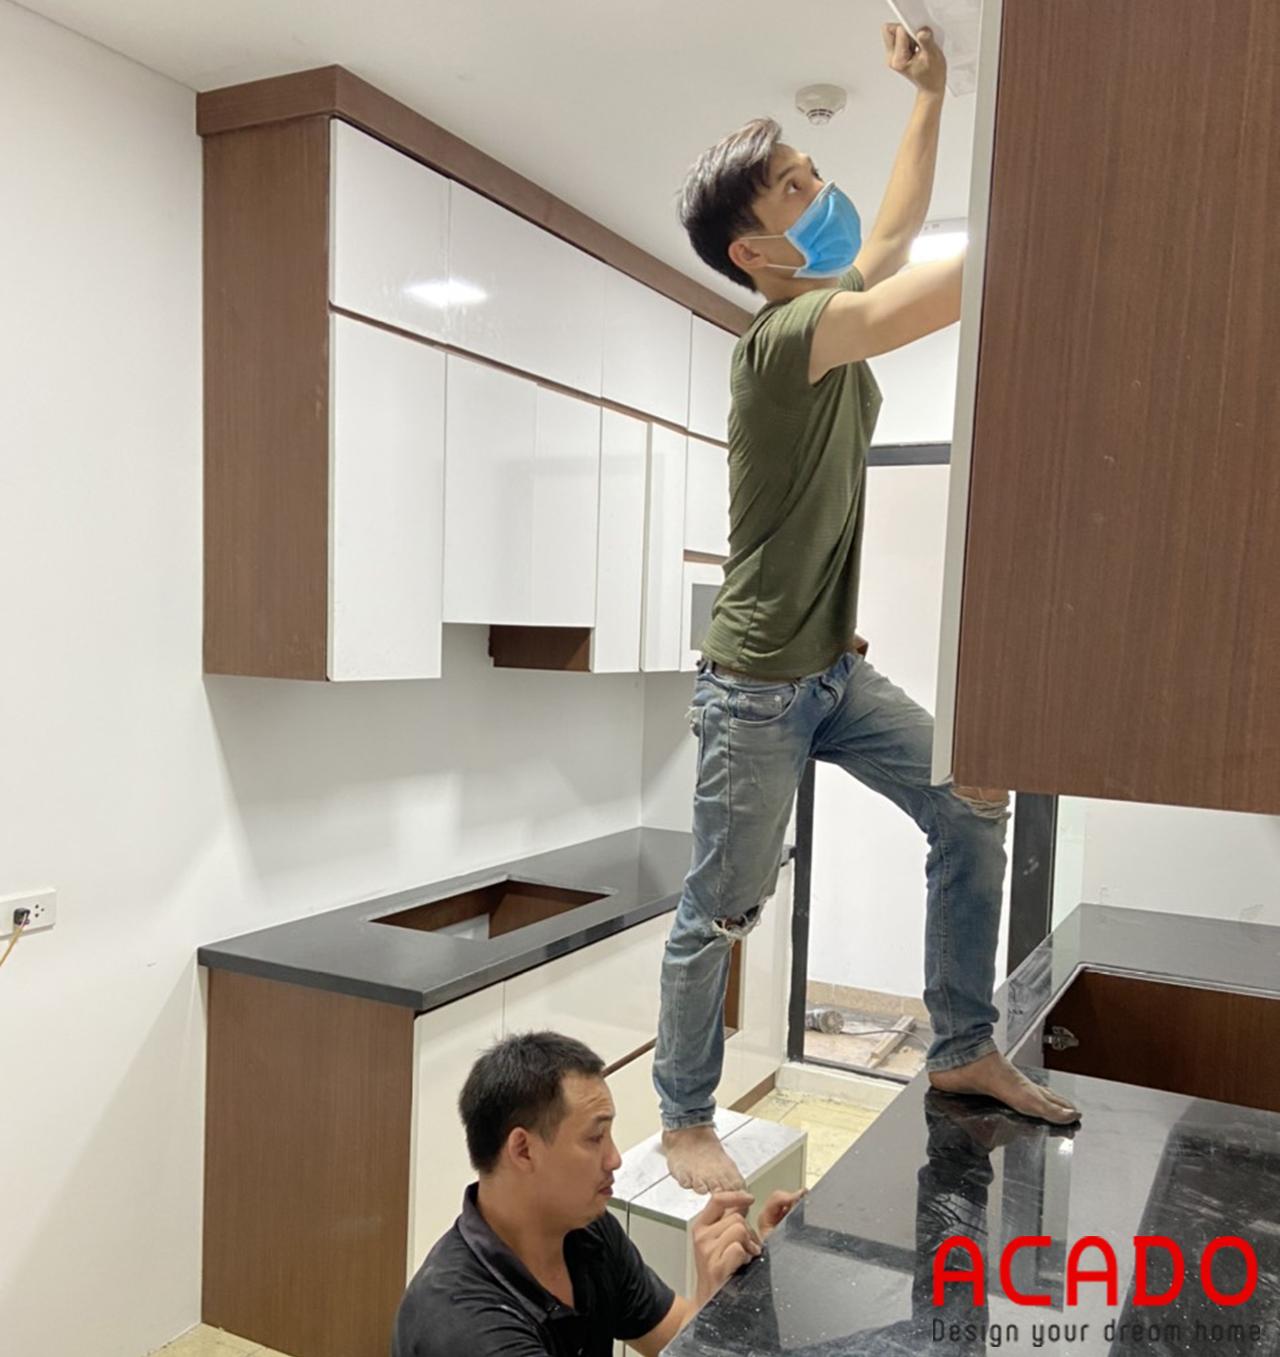 Thợ thi công ACADO đang bắt đầu tiến hành lắp đặt tủ bếp